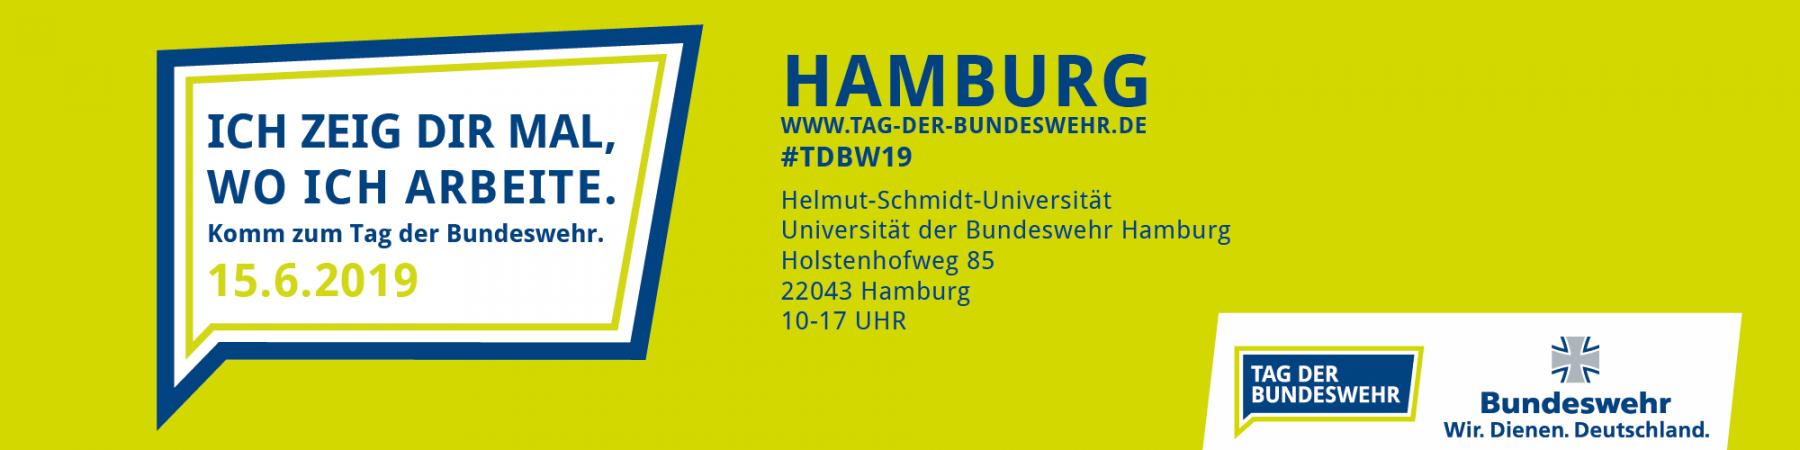 Tag der Bundeswehr Hamburg